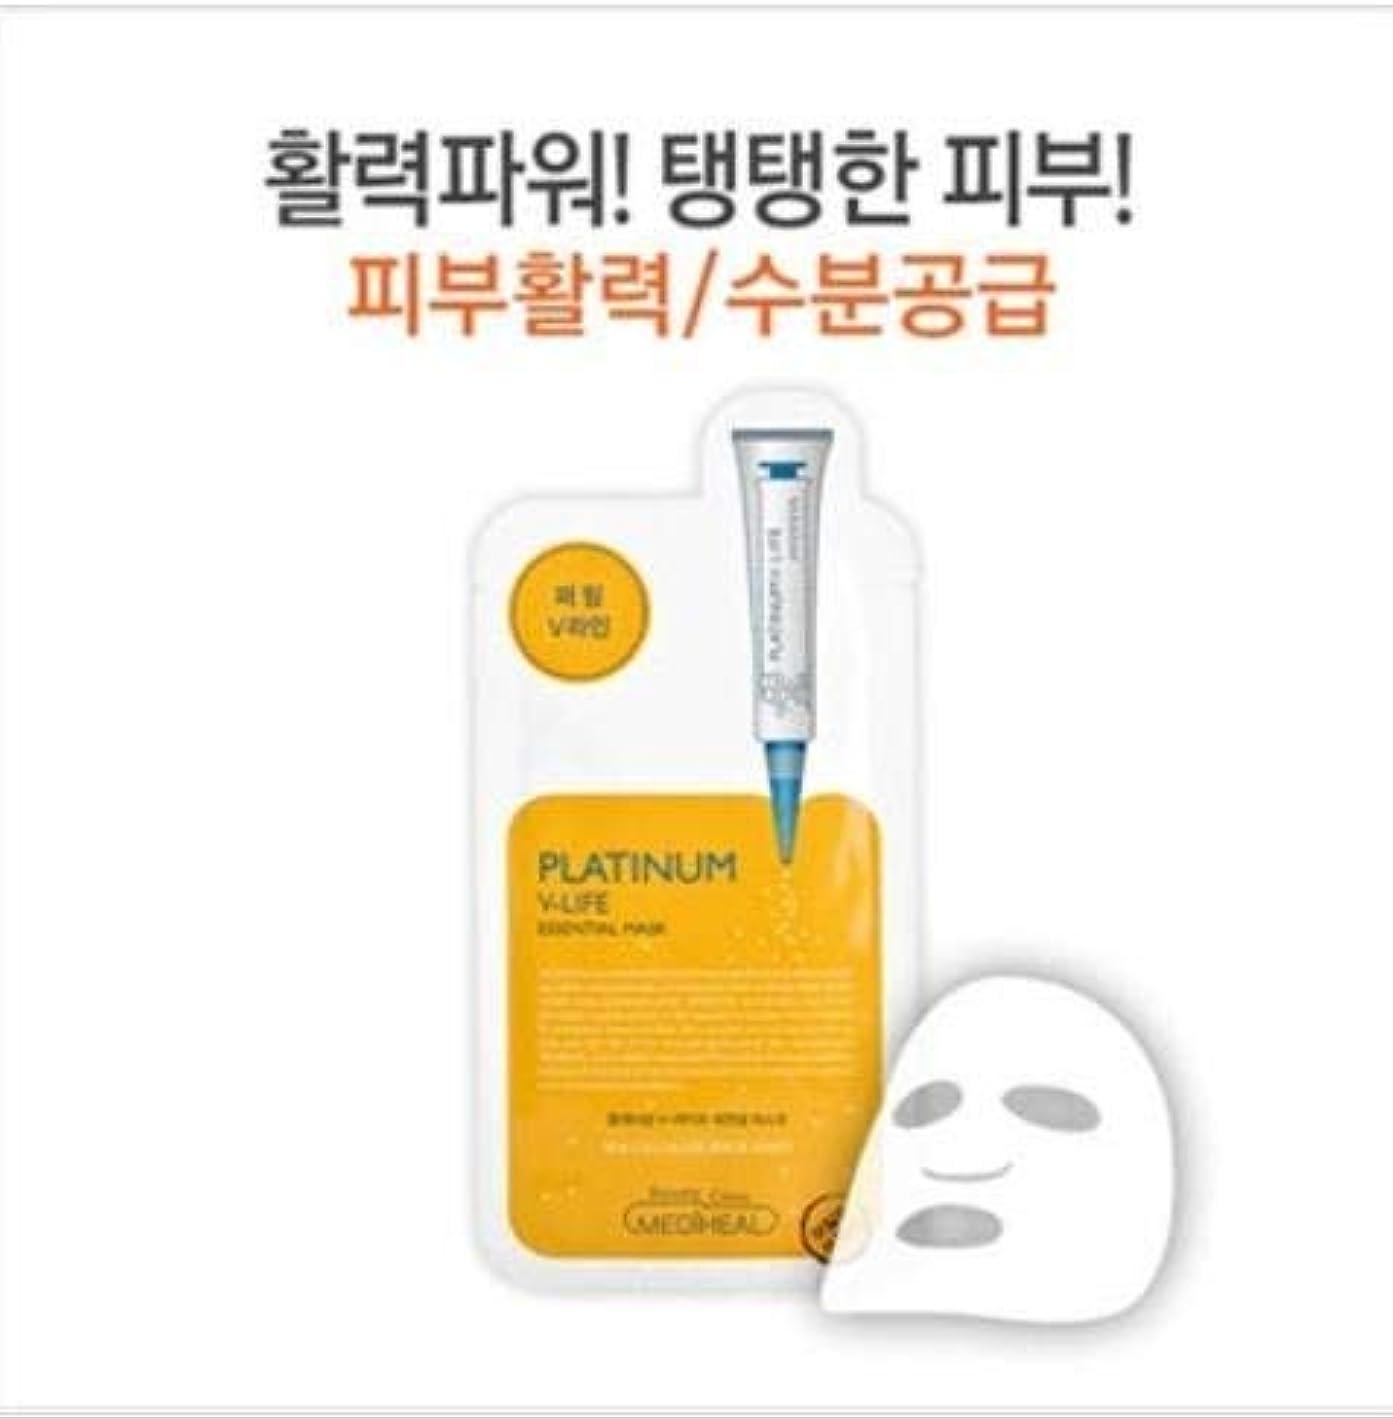 シミュレートする発症レコーダー★大人気★[メディヒール] Mediheal [プラチナ V-ライフ エッセンシャル マスク (10枚)] (Platinum V-LIFE Essential Mask (10EA) [並行輸入品]